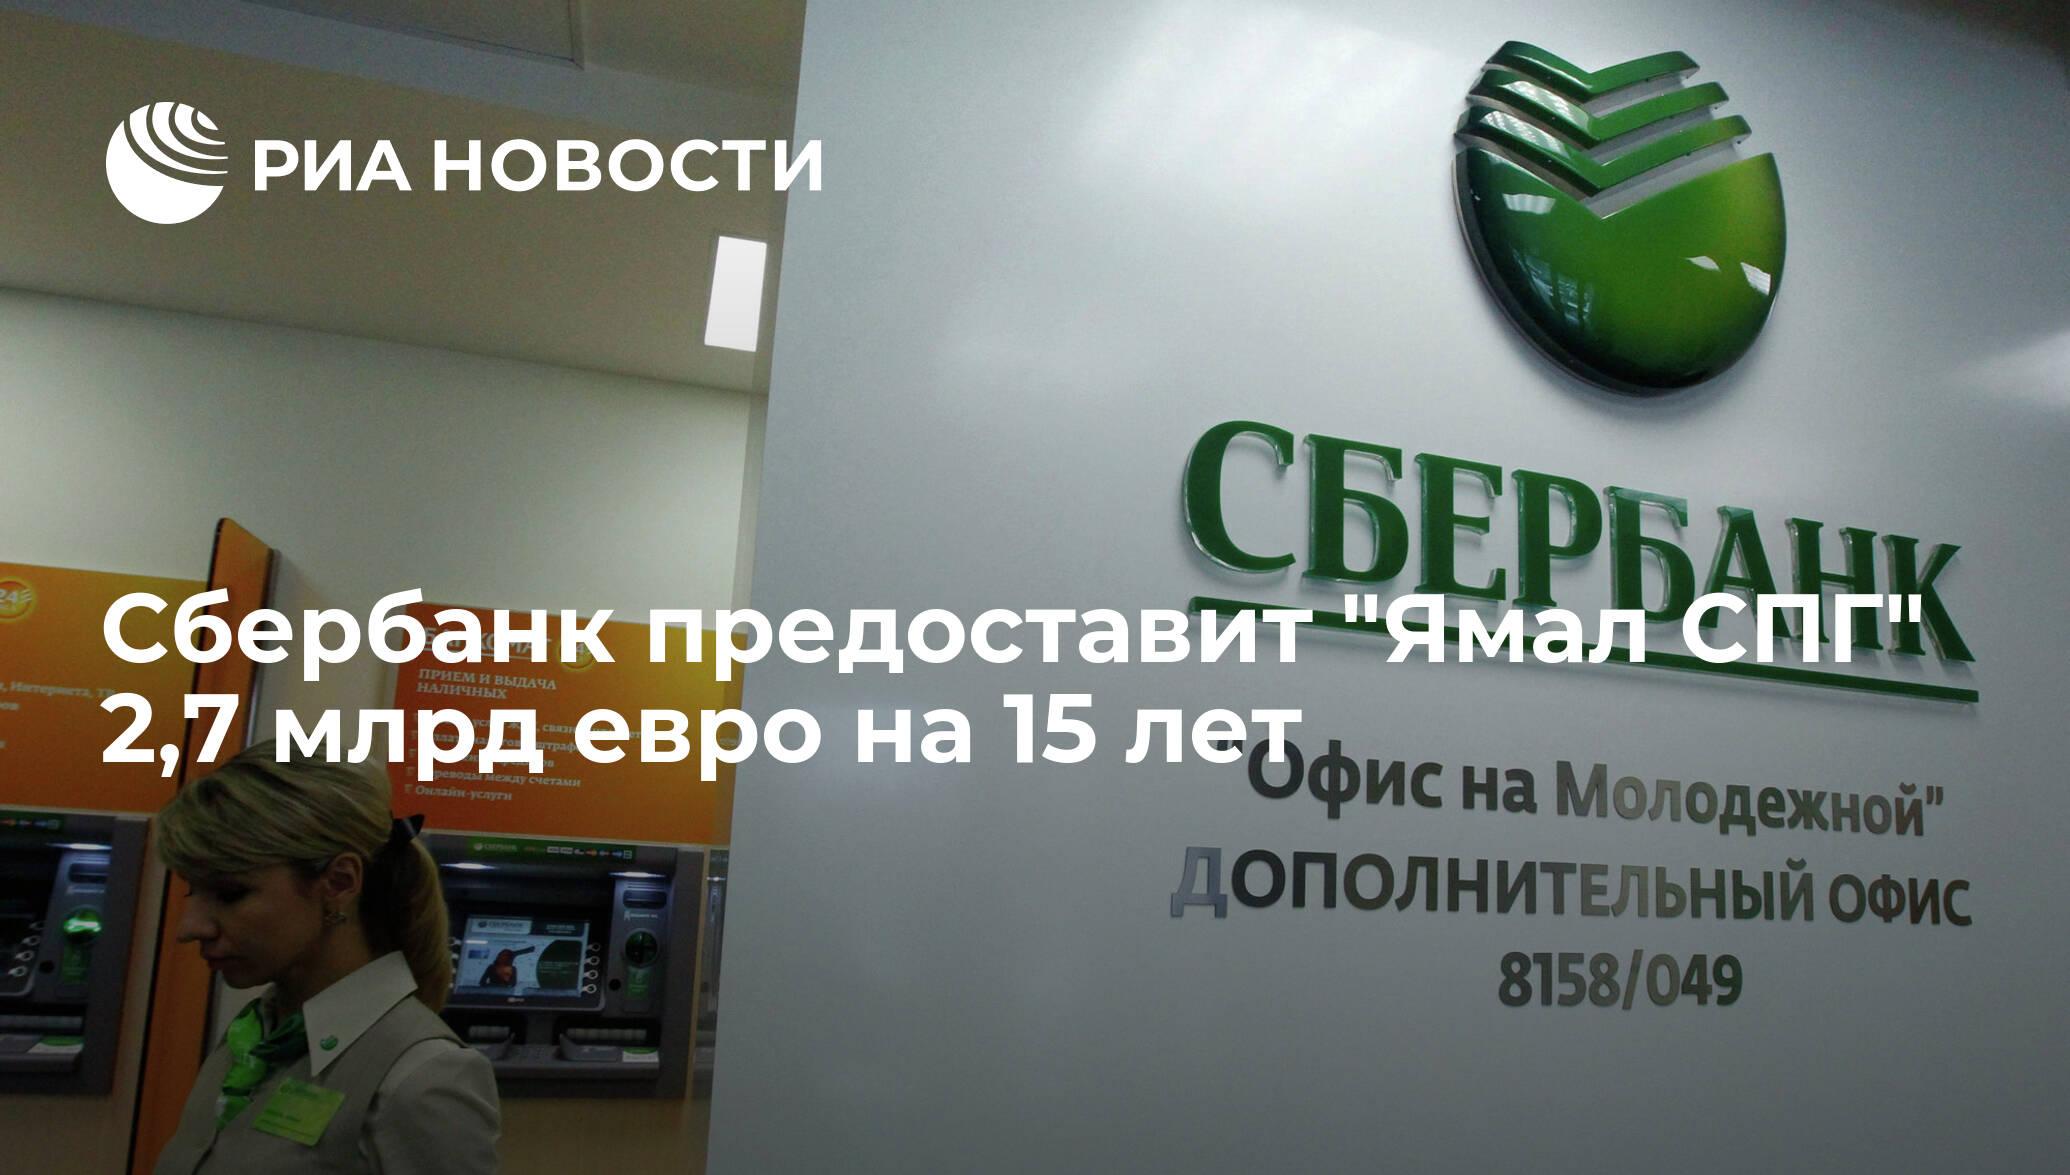 сбербанк янао кредит кредит онлайн новые сайты